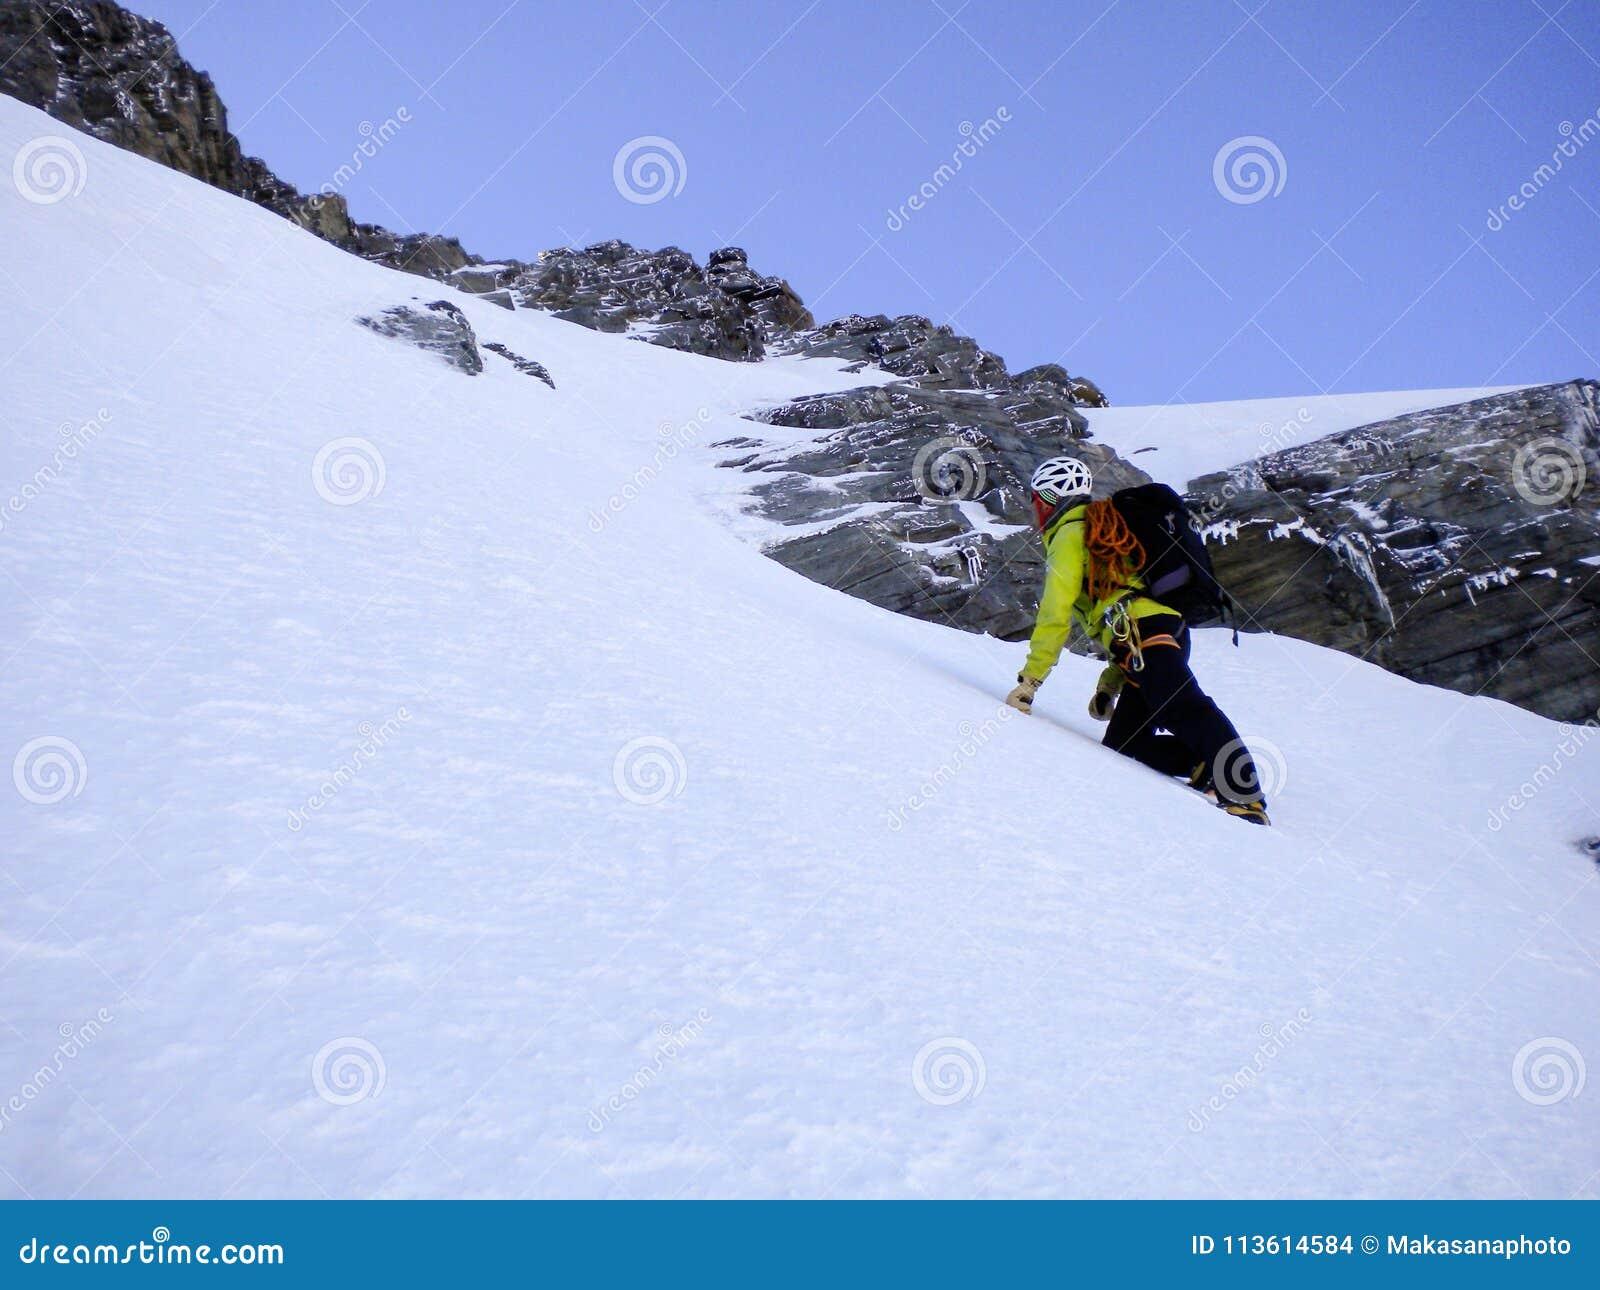 Αρσενικός οδηγός βουνών που αναρριχείται σε ένα απότομο χιόνι couloir στο δρόμο του σε μια υψηλή κορυφή στις ελβετικές Άλπεις